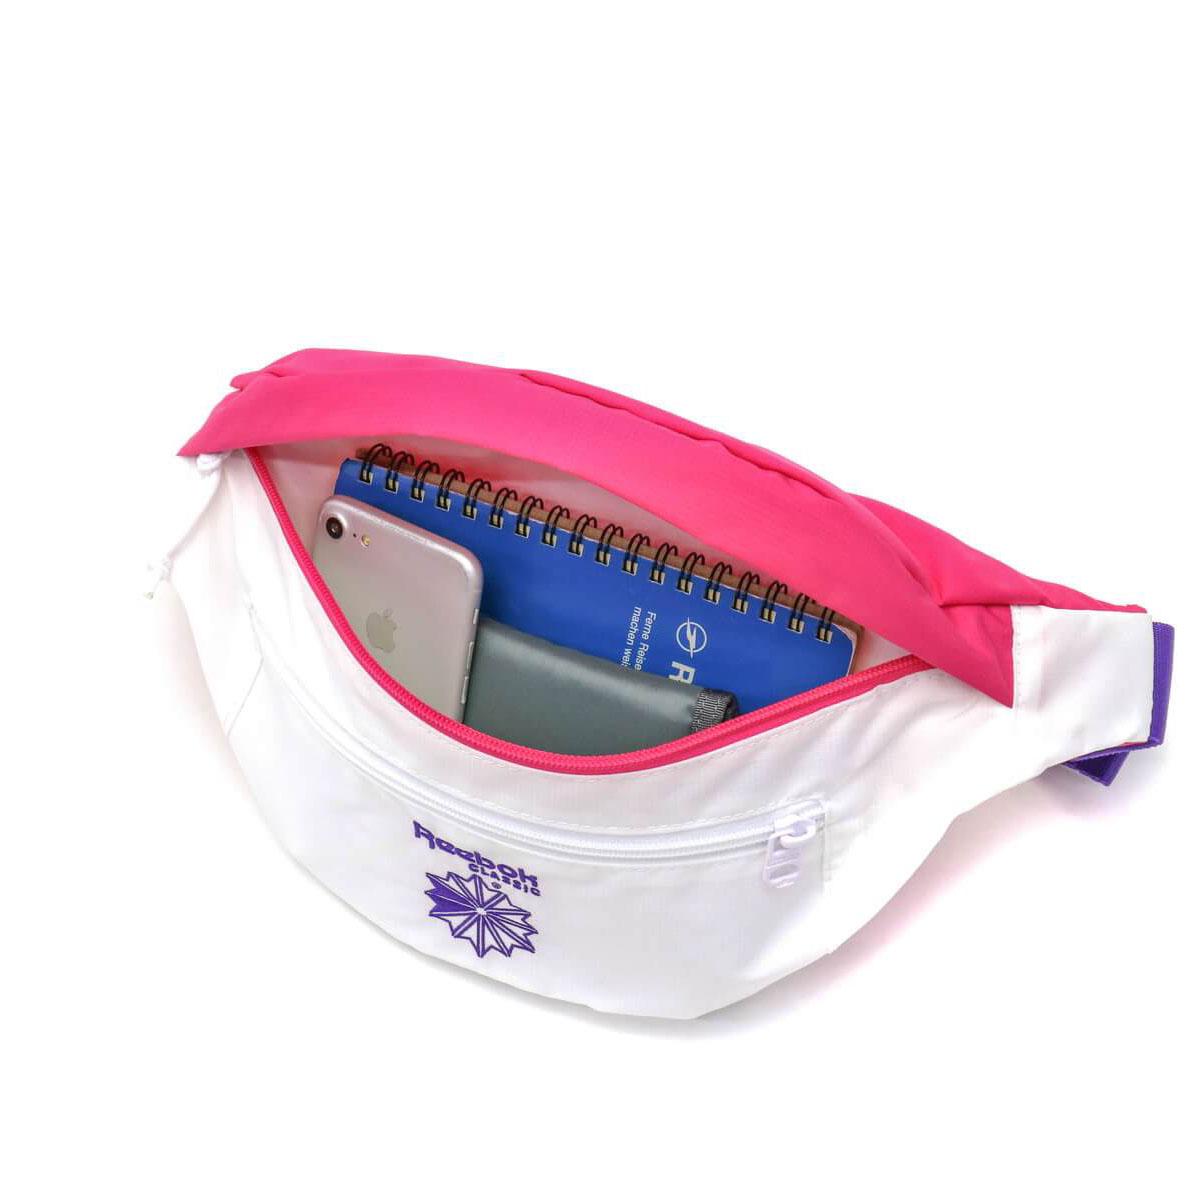 1db016fc69312 Reebok CLASSIC Waist Bag West Porch CL Retro Running Men s Women s FSA 18